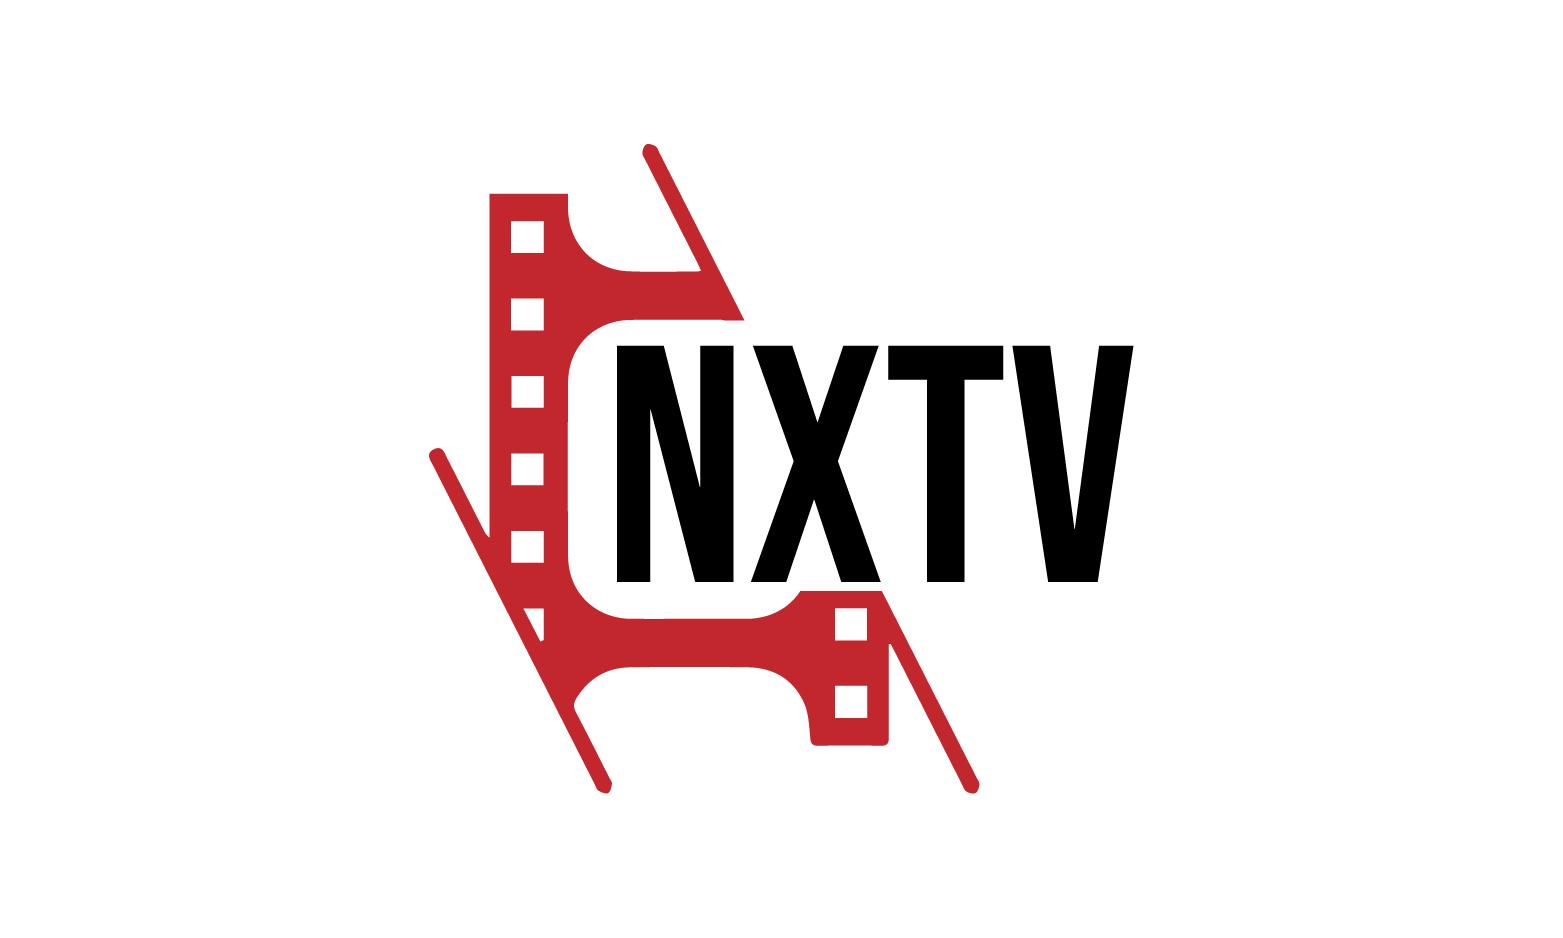 NXTV.com